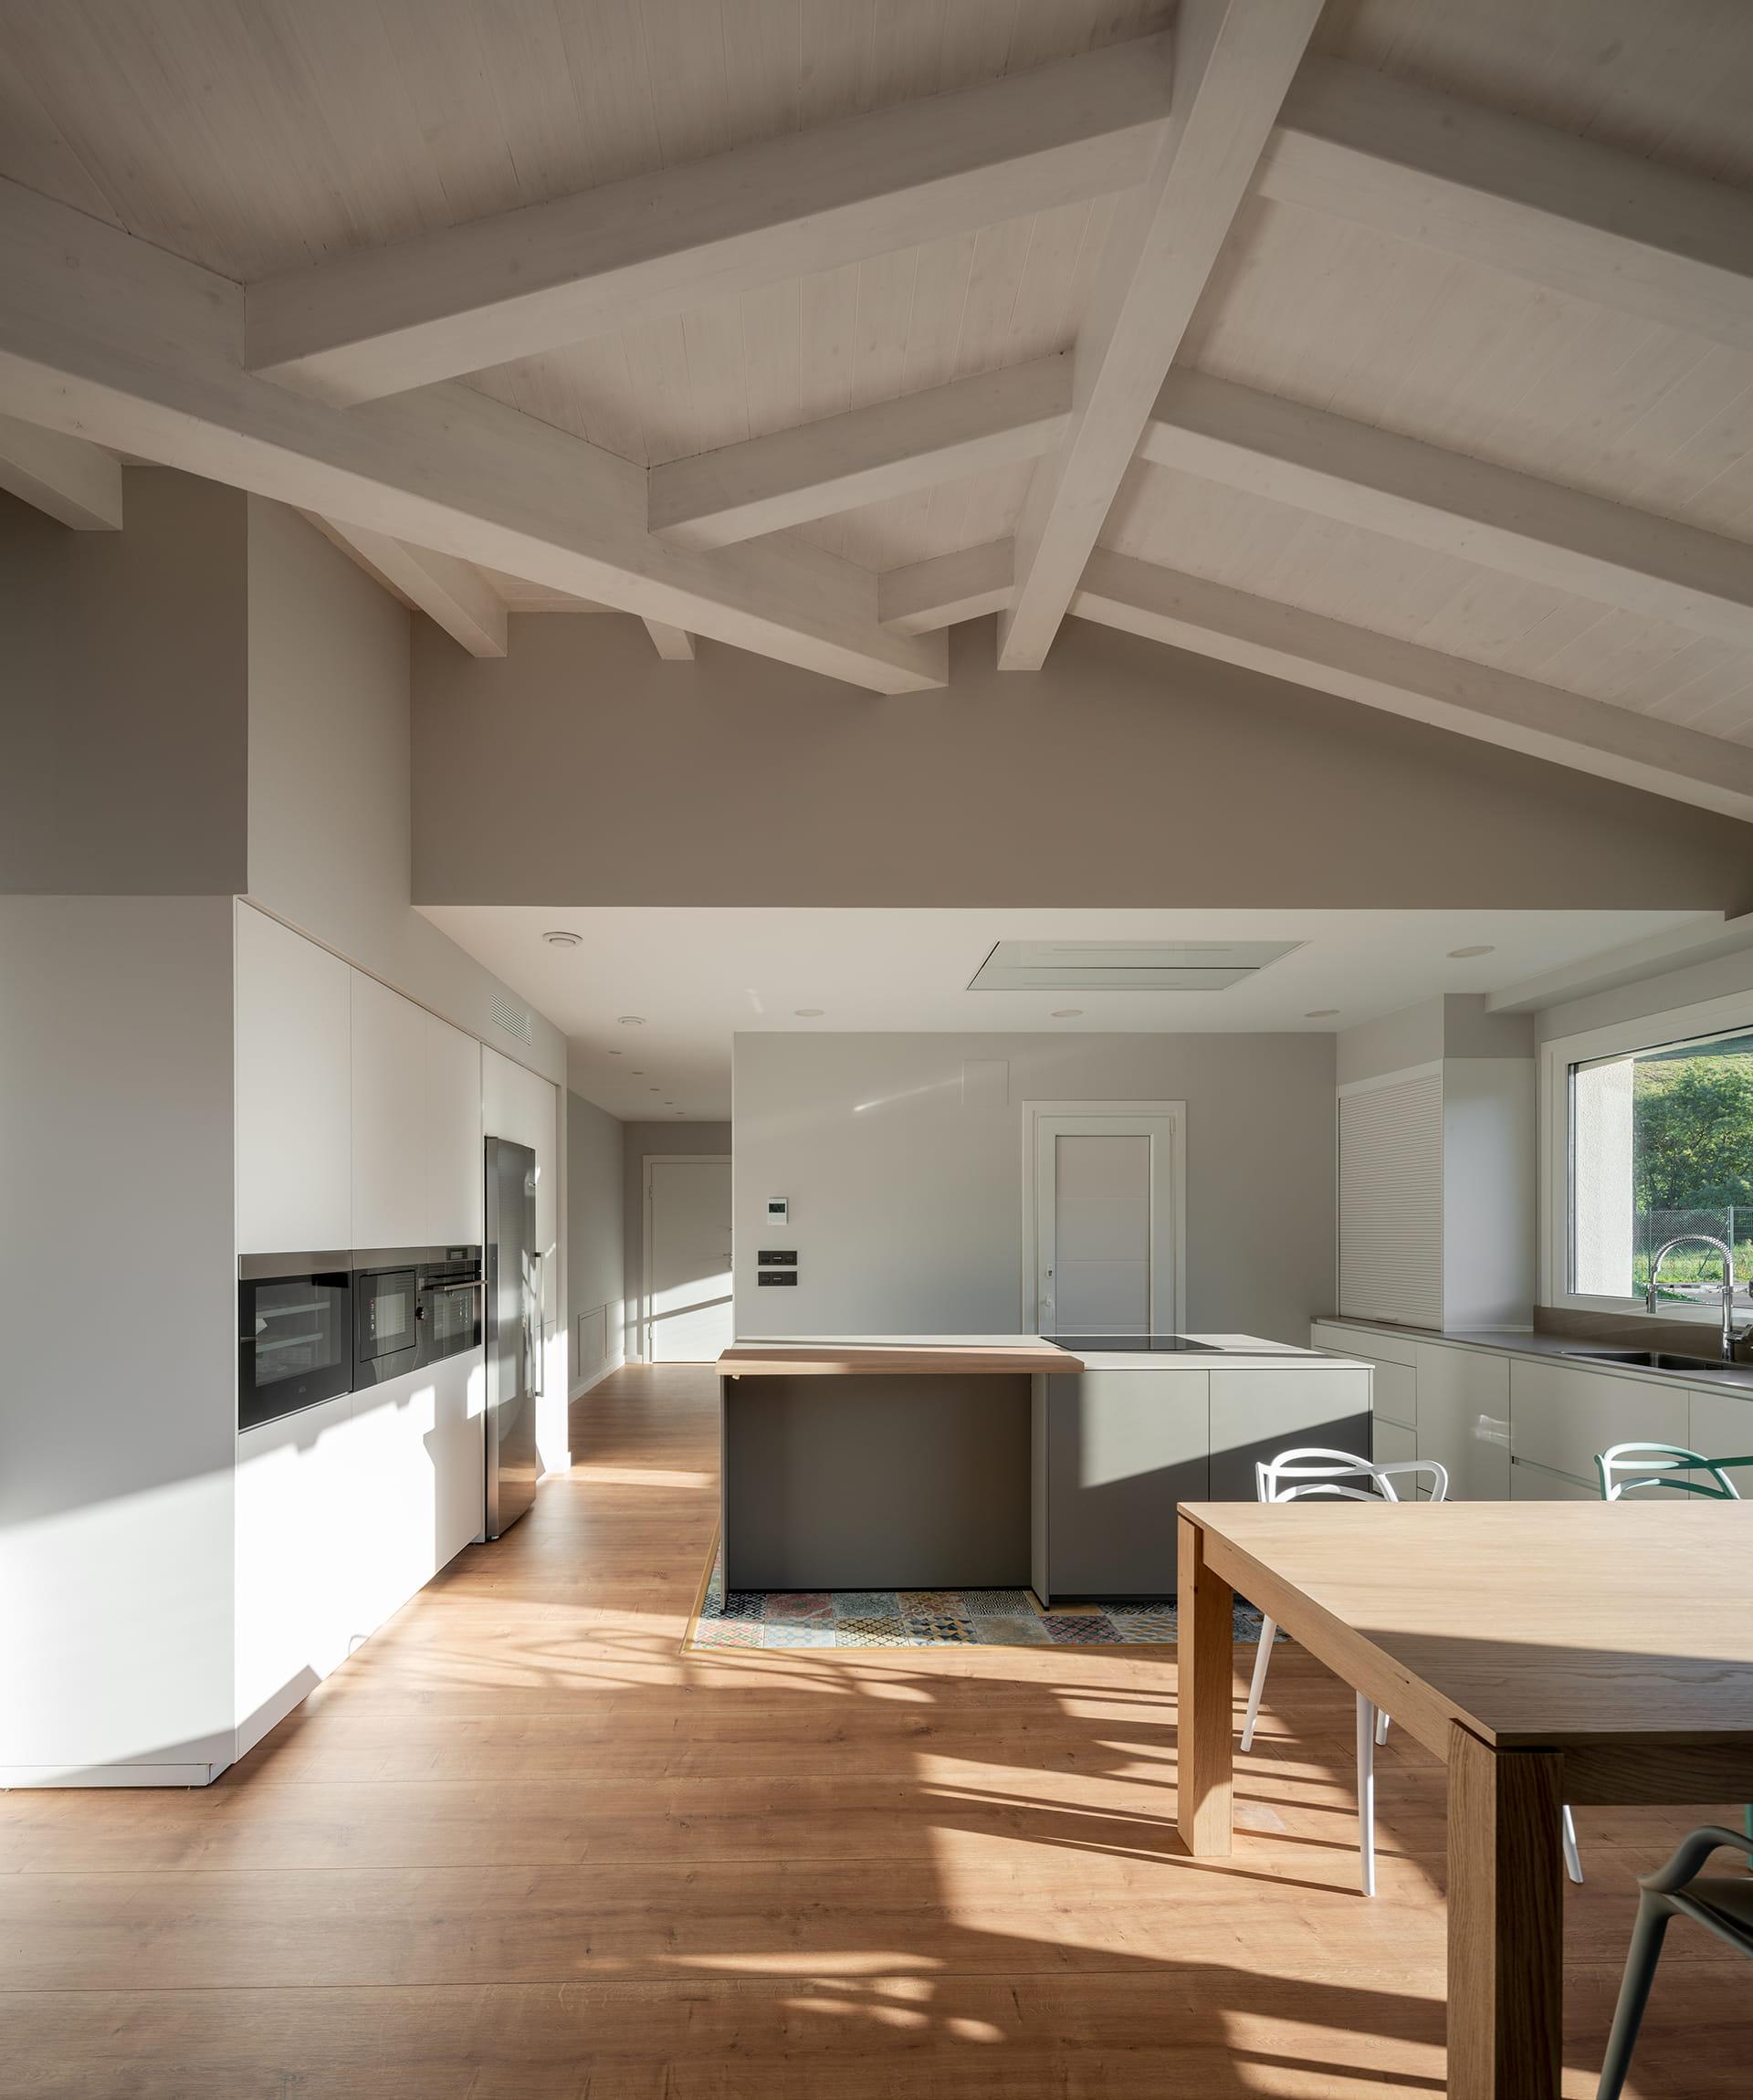 Cuisine avec meubles et plancher en bois